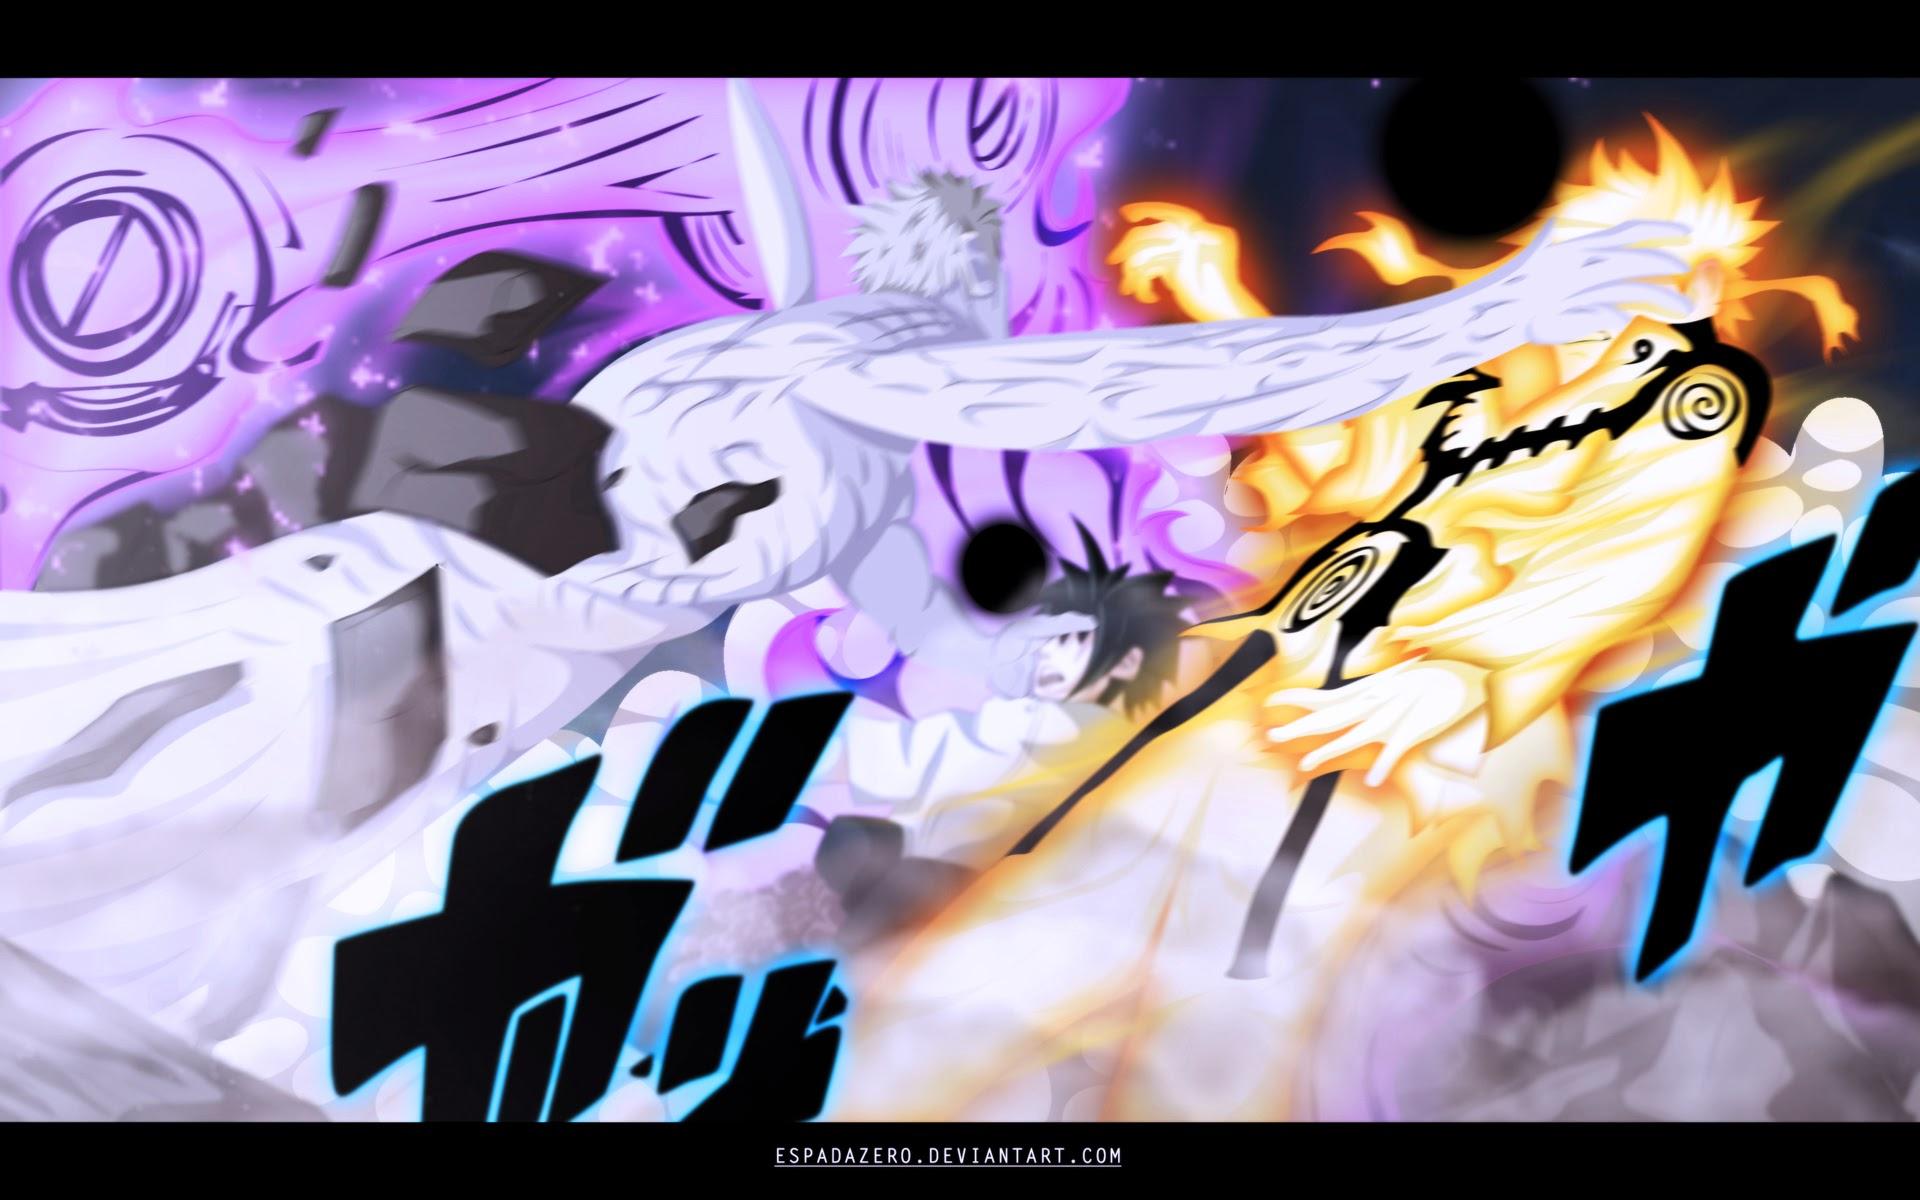 obito vs naruto and sasuke 39 hd wallpaper www wallpaper404 com 1920x1200